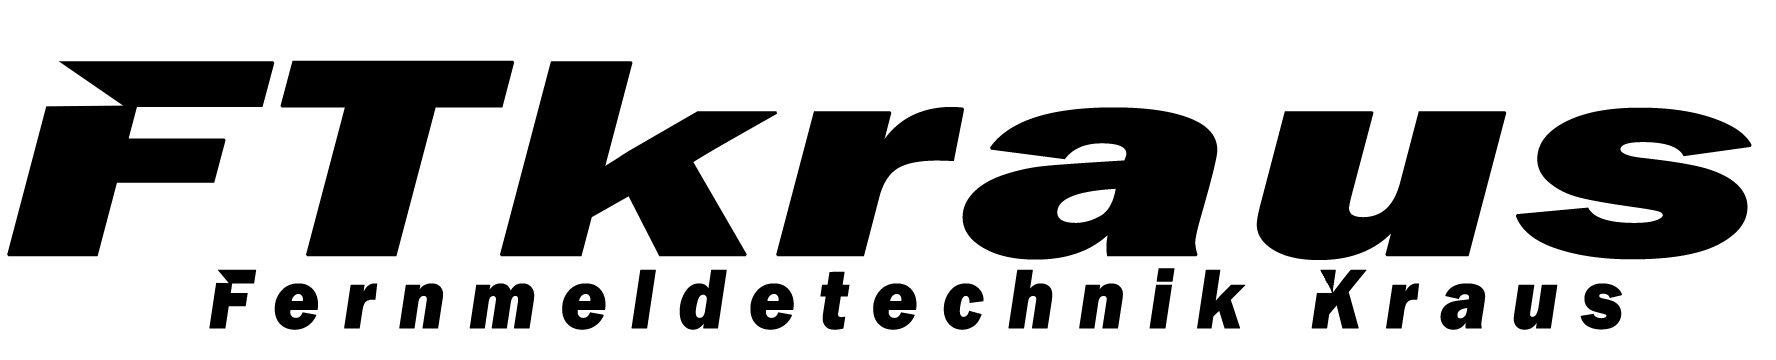 Fernmeldetechnik Kraus GmbH